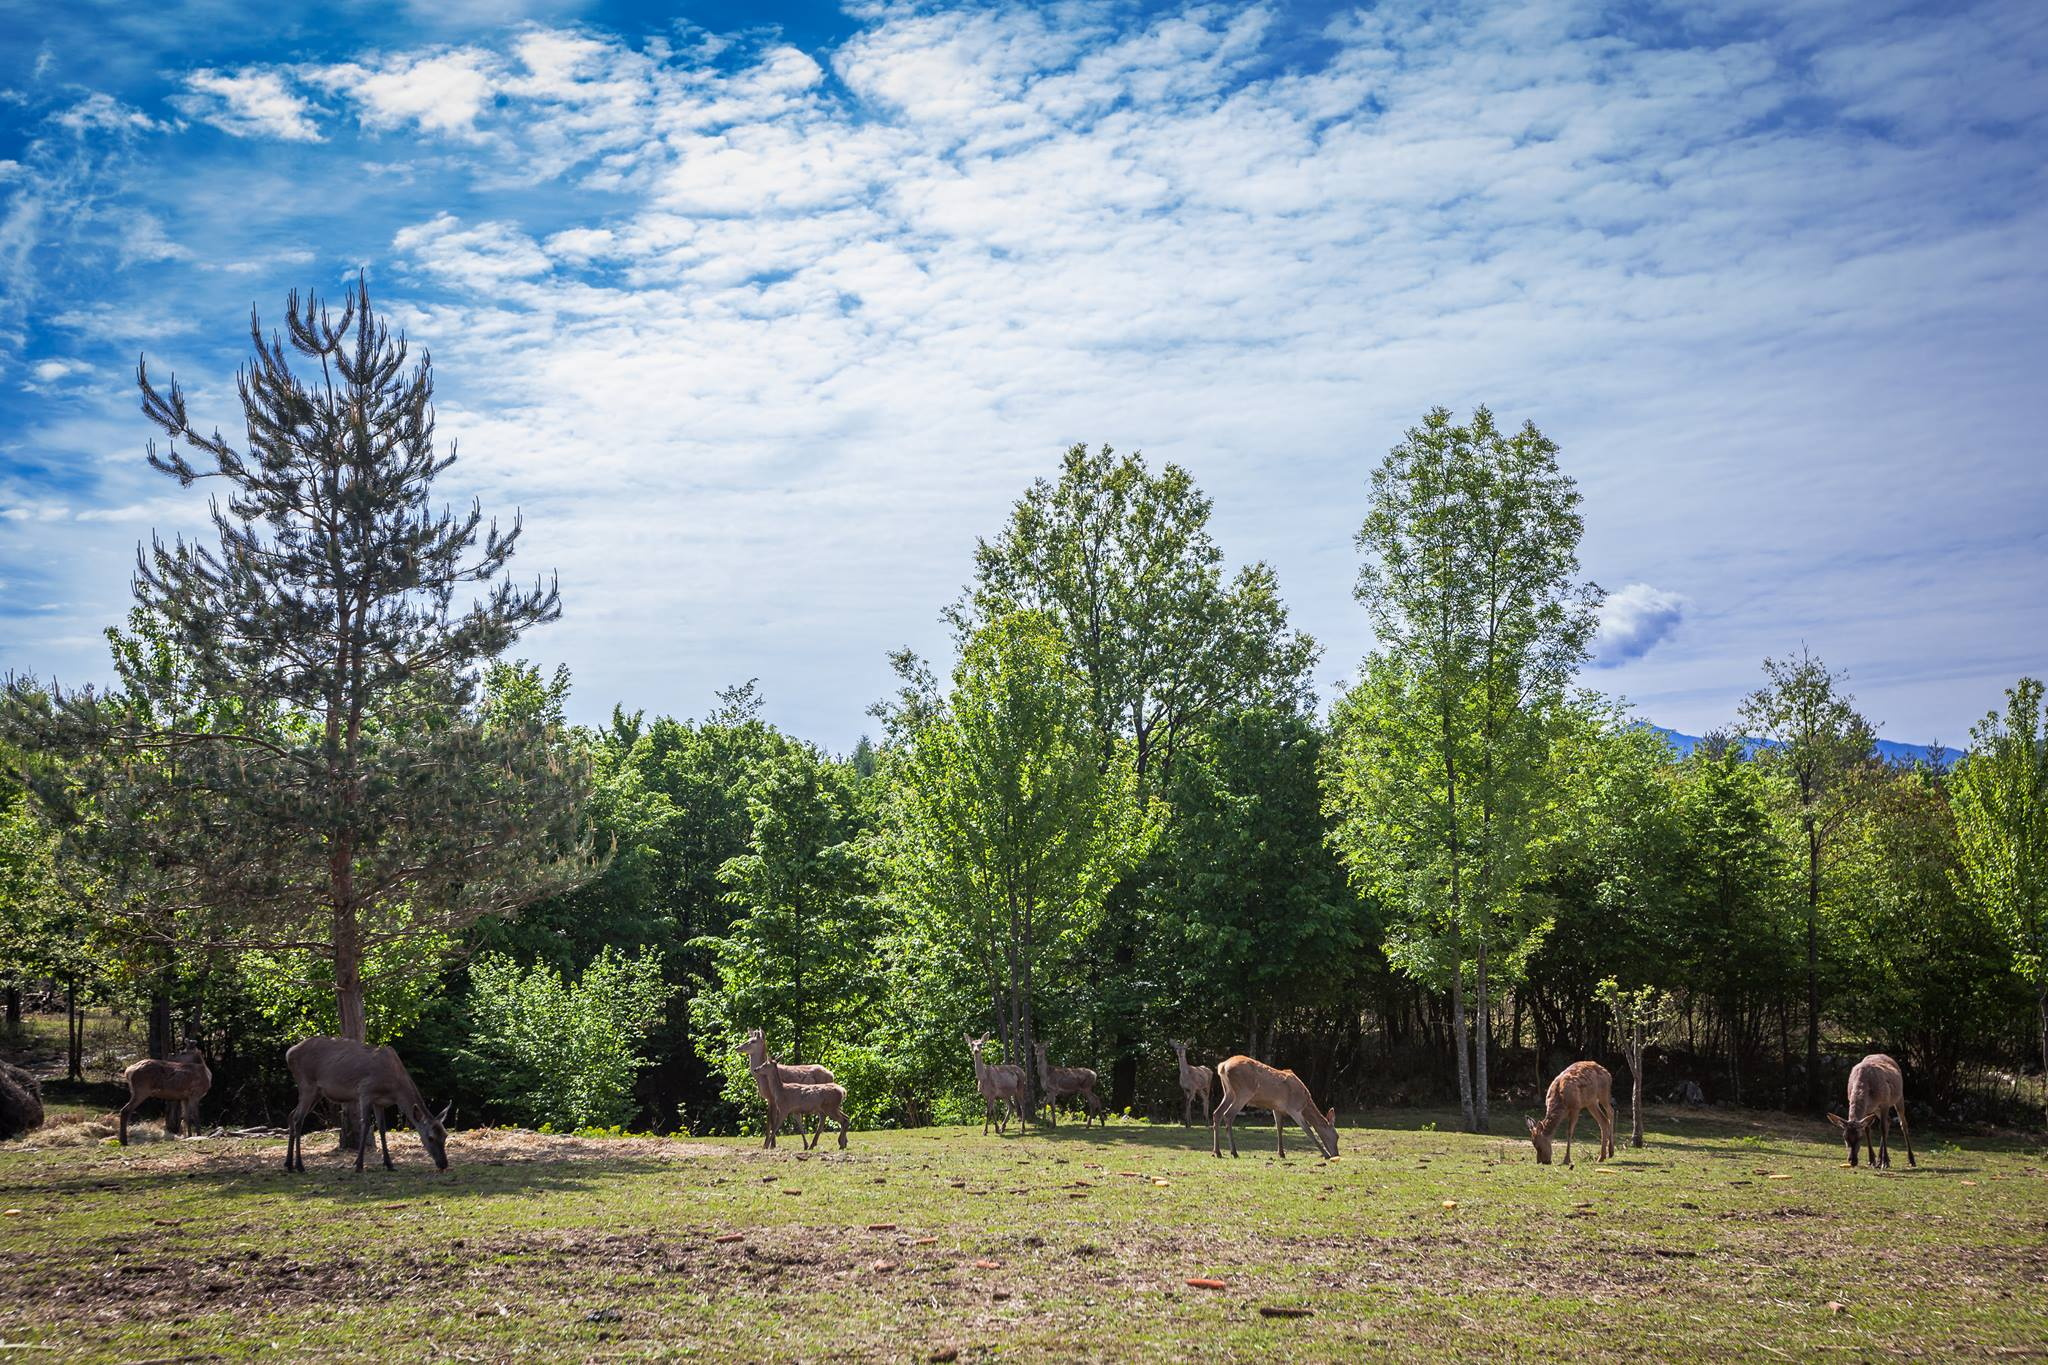 Photo of UPOZNAJTE JELENE! U Drežnik gradu dan otvorenih vrata povodom otvorenja ranča